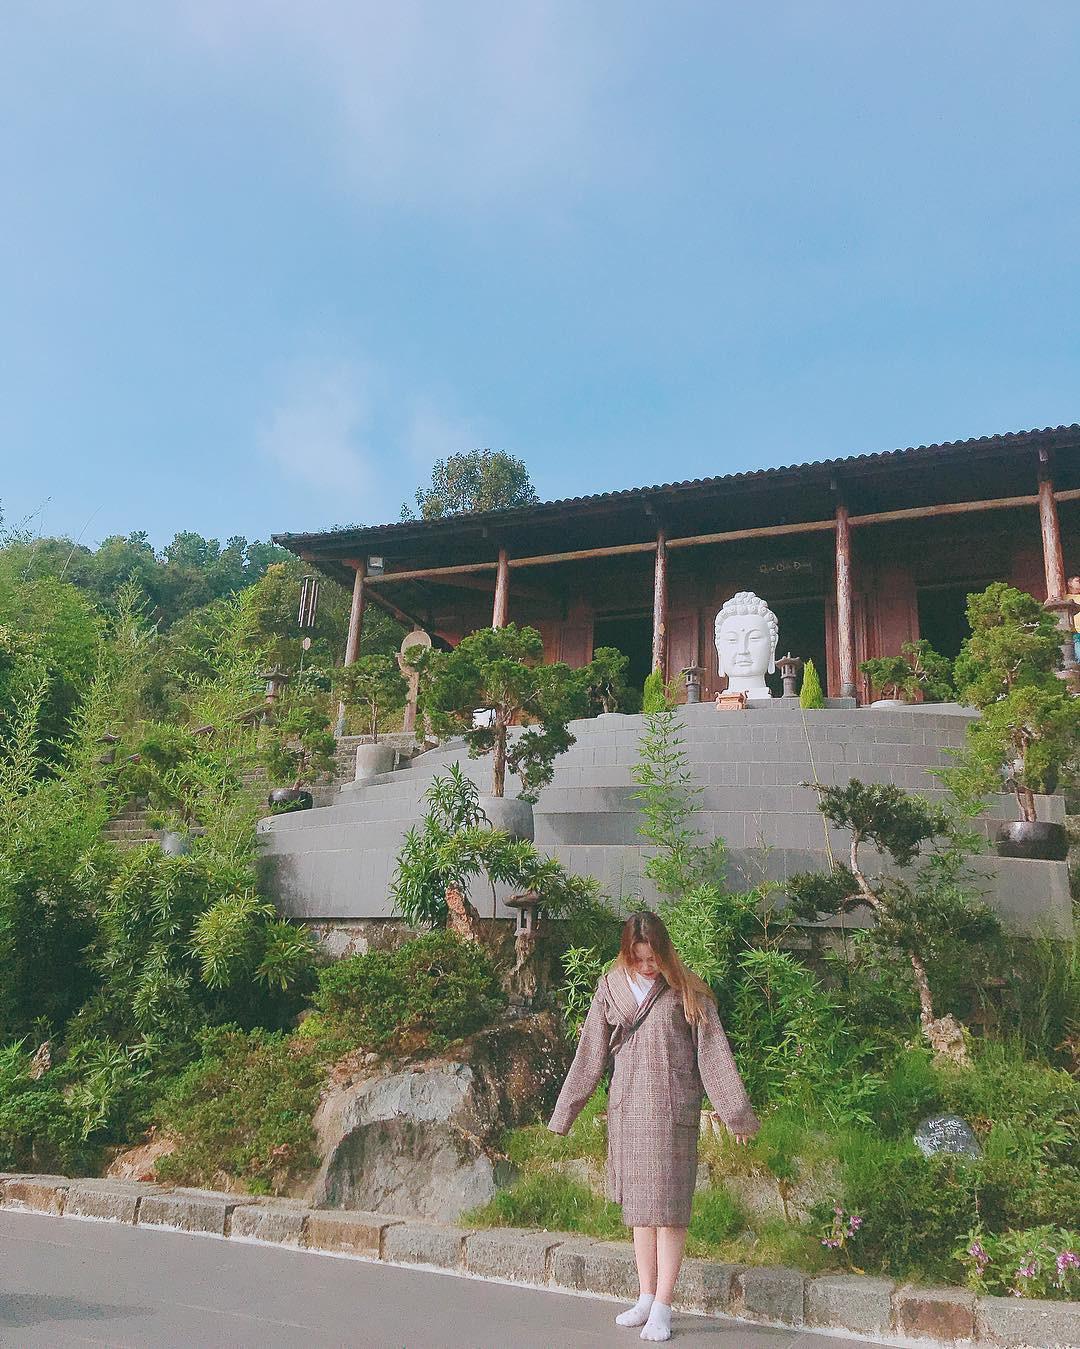 Chưa đi Nhật cũng đừng buồn, Việt Nam có hẳn 3 phiên bản chùa chiền có kiến trúc độc đáo cộp mác xứ sở mặt trời mọc đây này! - Ảnh 16.